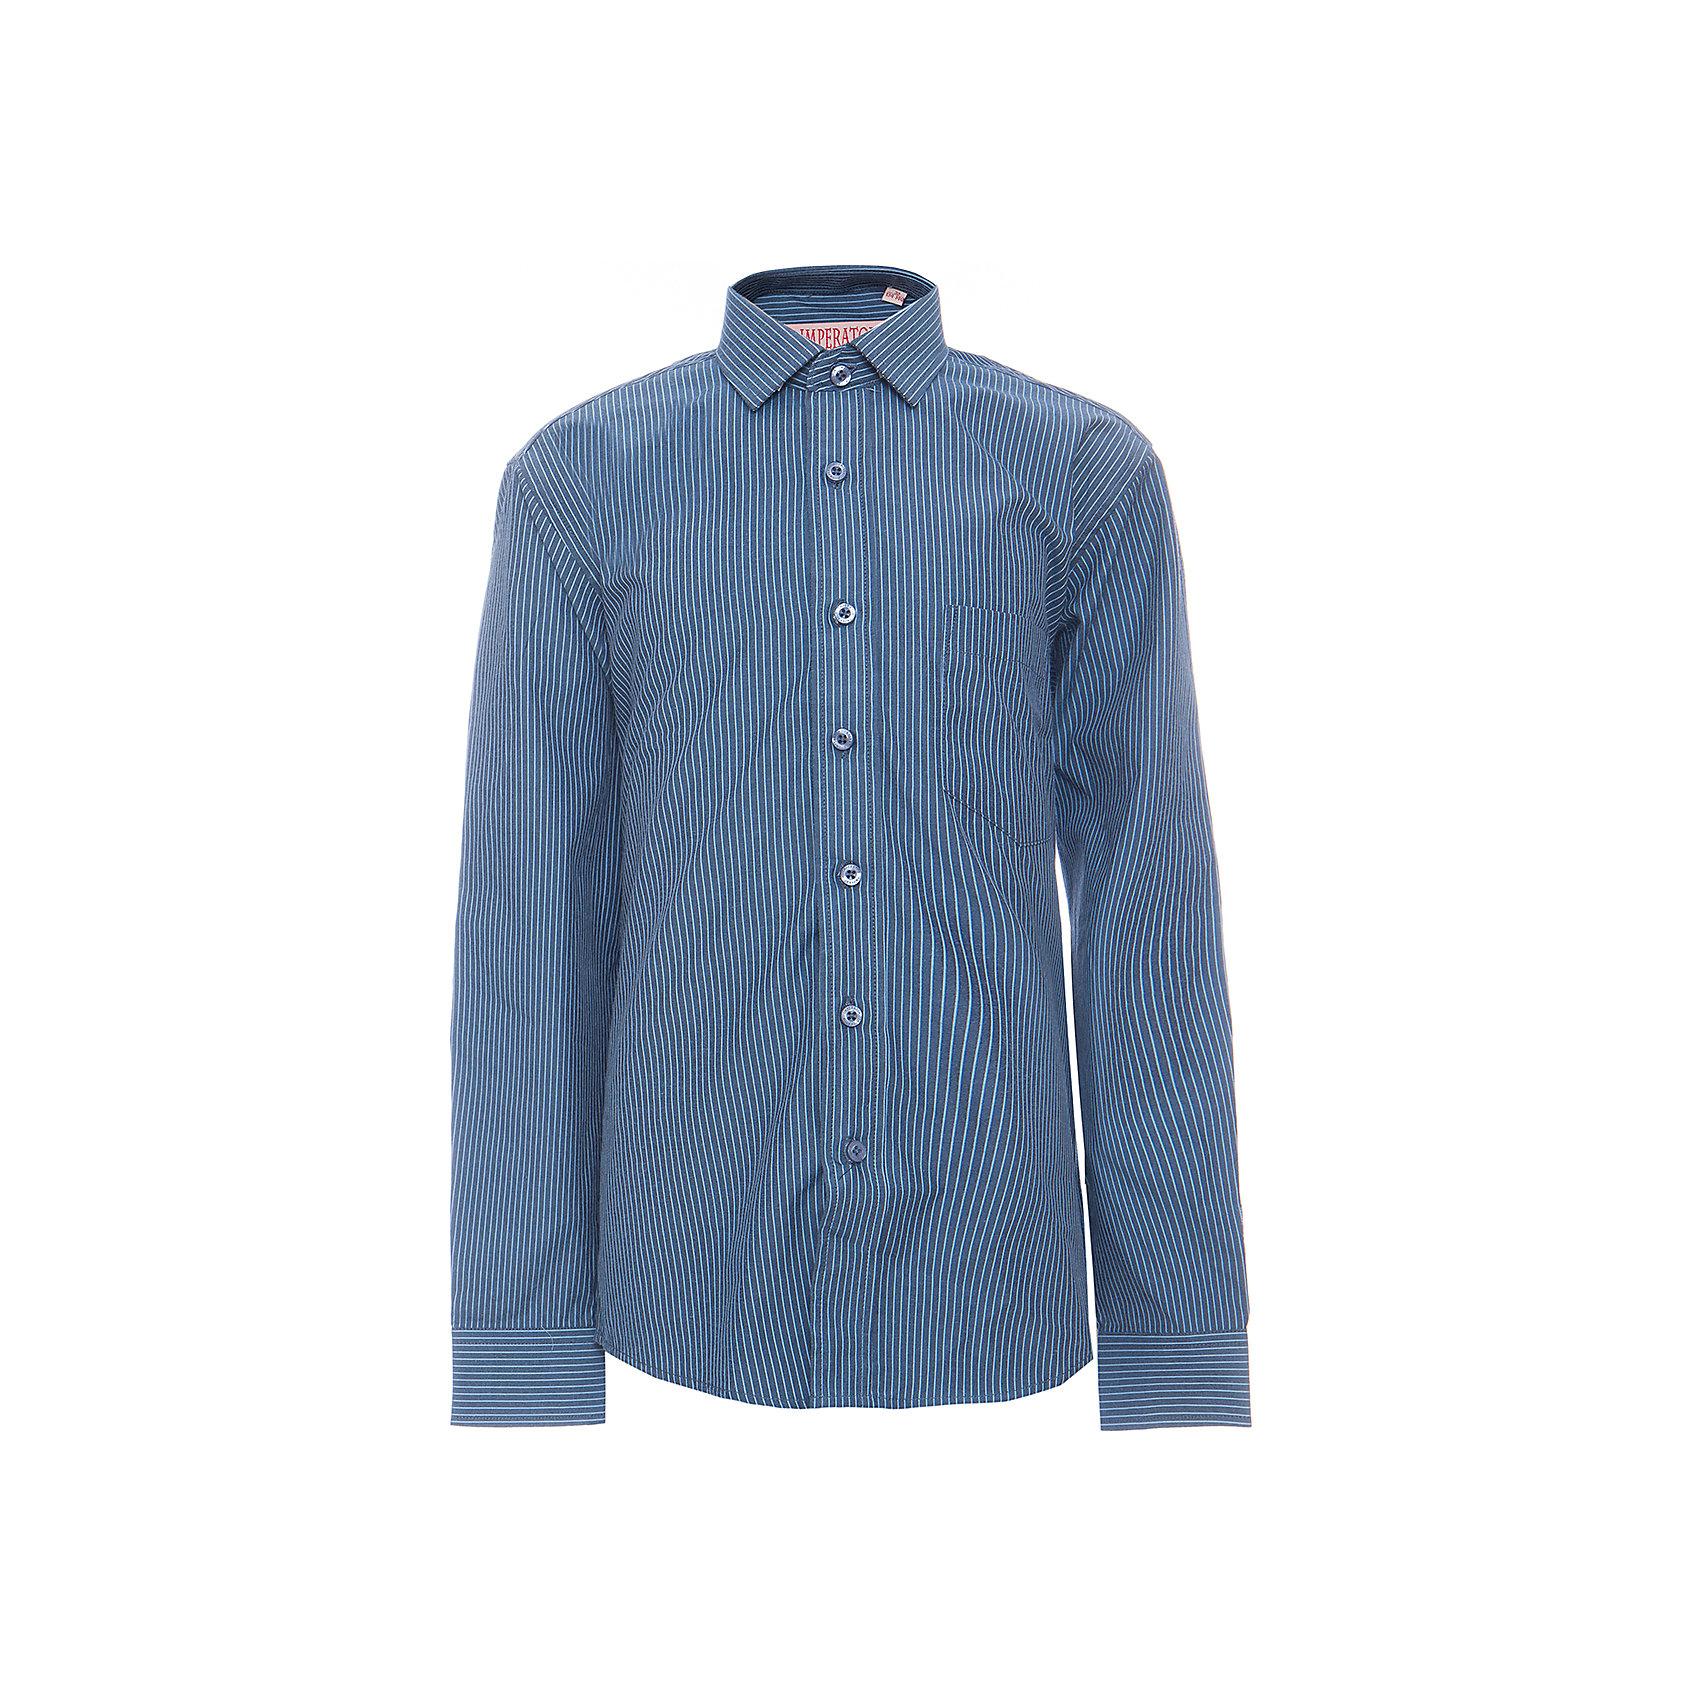 Рубашка для мальчика ImperatorБлузки и рубашки<br>Характеристики товара:<br><br>• цвет: синий<br>• состав ткани: 65% хлопок, 35% полиэстер<br>• особенности: школьная, праздничная<br>• застежка: пуговицы<br>• рукава: длинные<br>• сезон: круглый год<br>• страна бренда: Российская Федерация<br>• страна изготовитель: Китай<br><br>Стильная классическая сорочка для мальчика - отличный вариант практичной и стильной школьной одежды.<br><br>Накладной карман, свободный покрой, дышащая ткань с преобладанием хлопка - красиво и удобно.<br><br>Рубашку для мальчика Imperator (Император) можно купить в нашем интернет-магазине.<br><br>Ширина мм: 174<br>Глубина мм: 10<br>Высота мм: 169<br>Вес г: 157<br>Цвет: синий<br>Возраст от месяцев: 144<br>Возраст до месяцев: 156<br>Пол: Мужской<br>Возраст: Детский<br>Размер: 158/164,164/170,122/128,128/134,134/140,146/152,140/146,146/152,152/158,152/158<br>SKU: 6860798